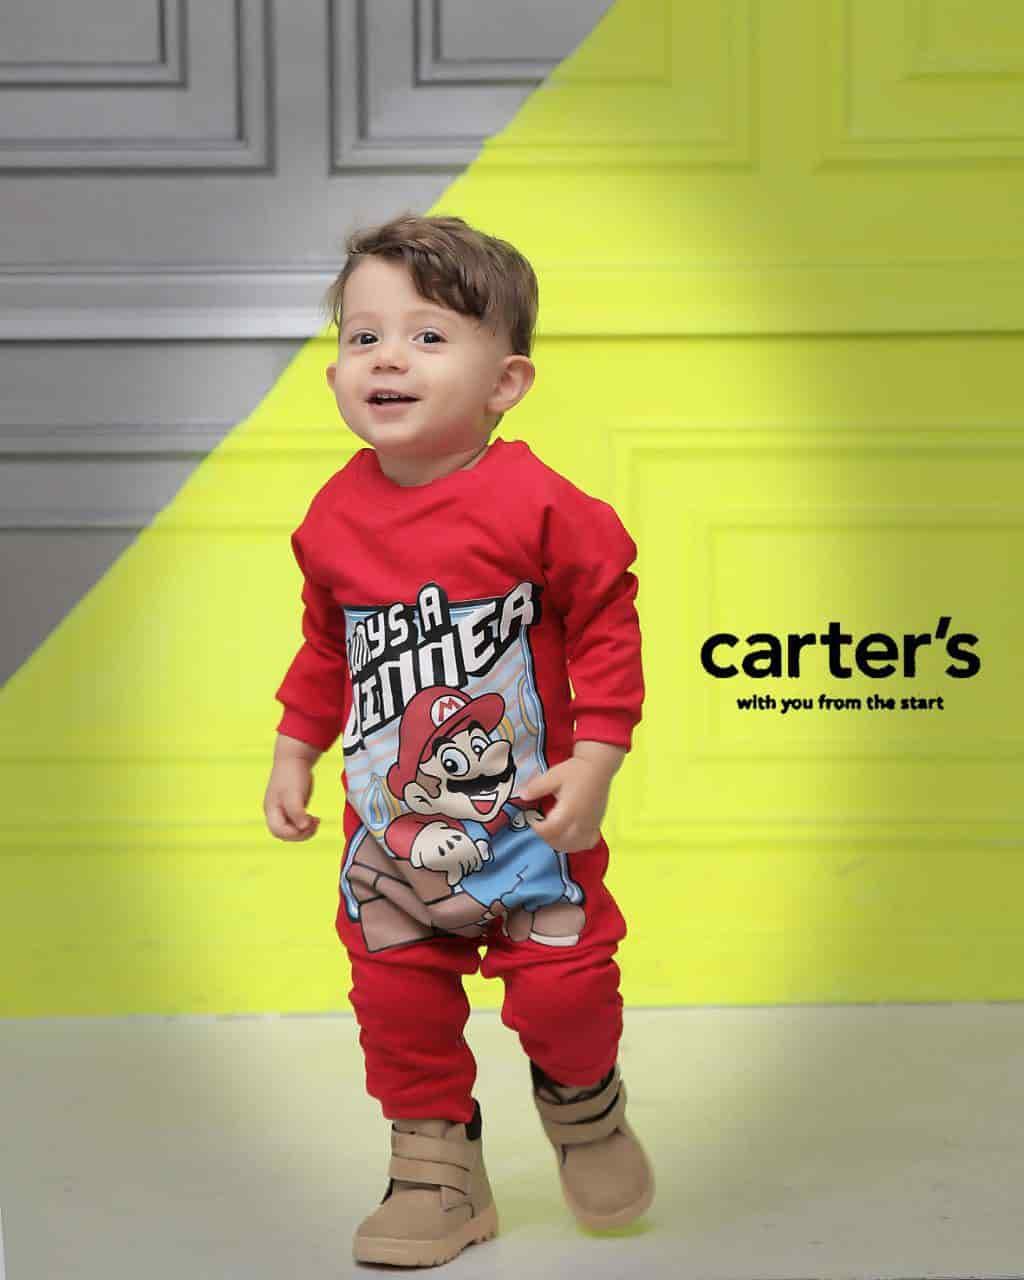 پخش عمده لباس بچه کارترز